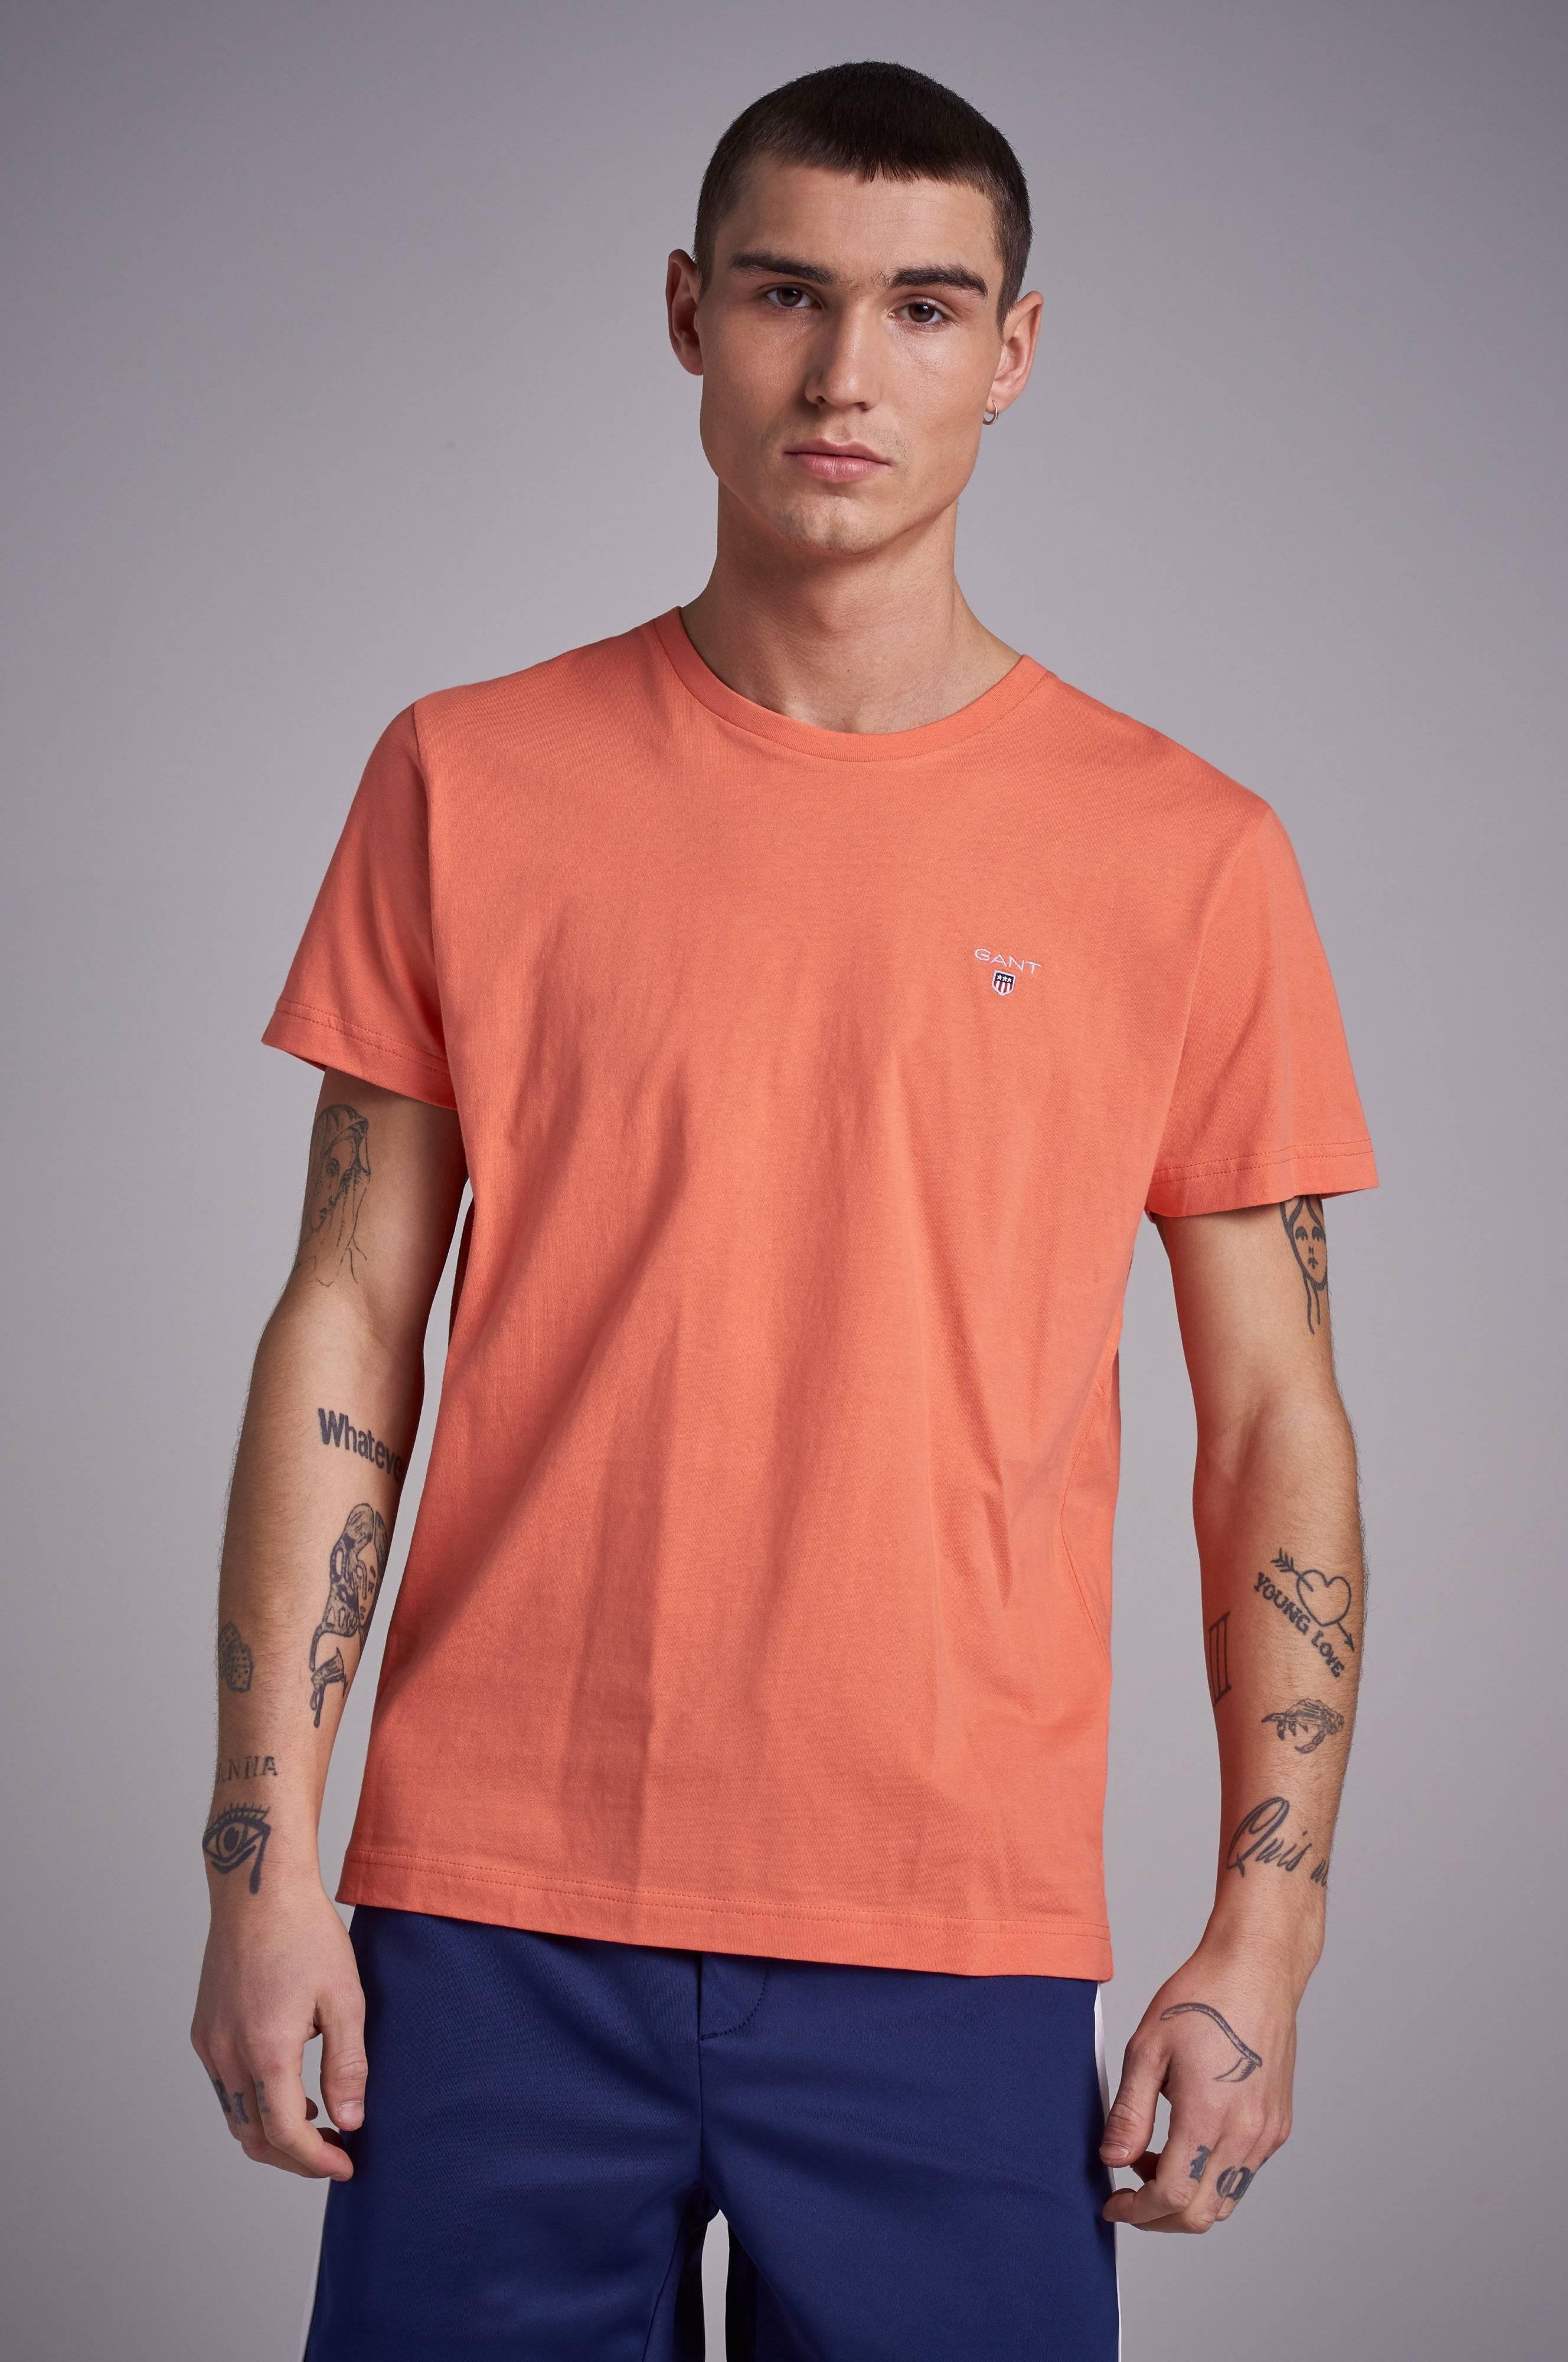 329cd421 Gant The Original SS T-shirt - Rød - Klær- Stayhard.no